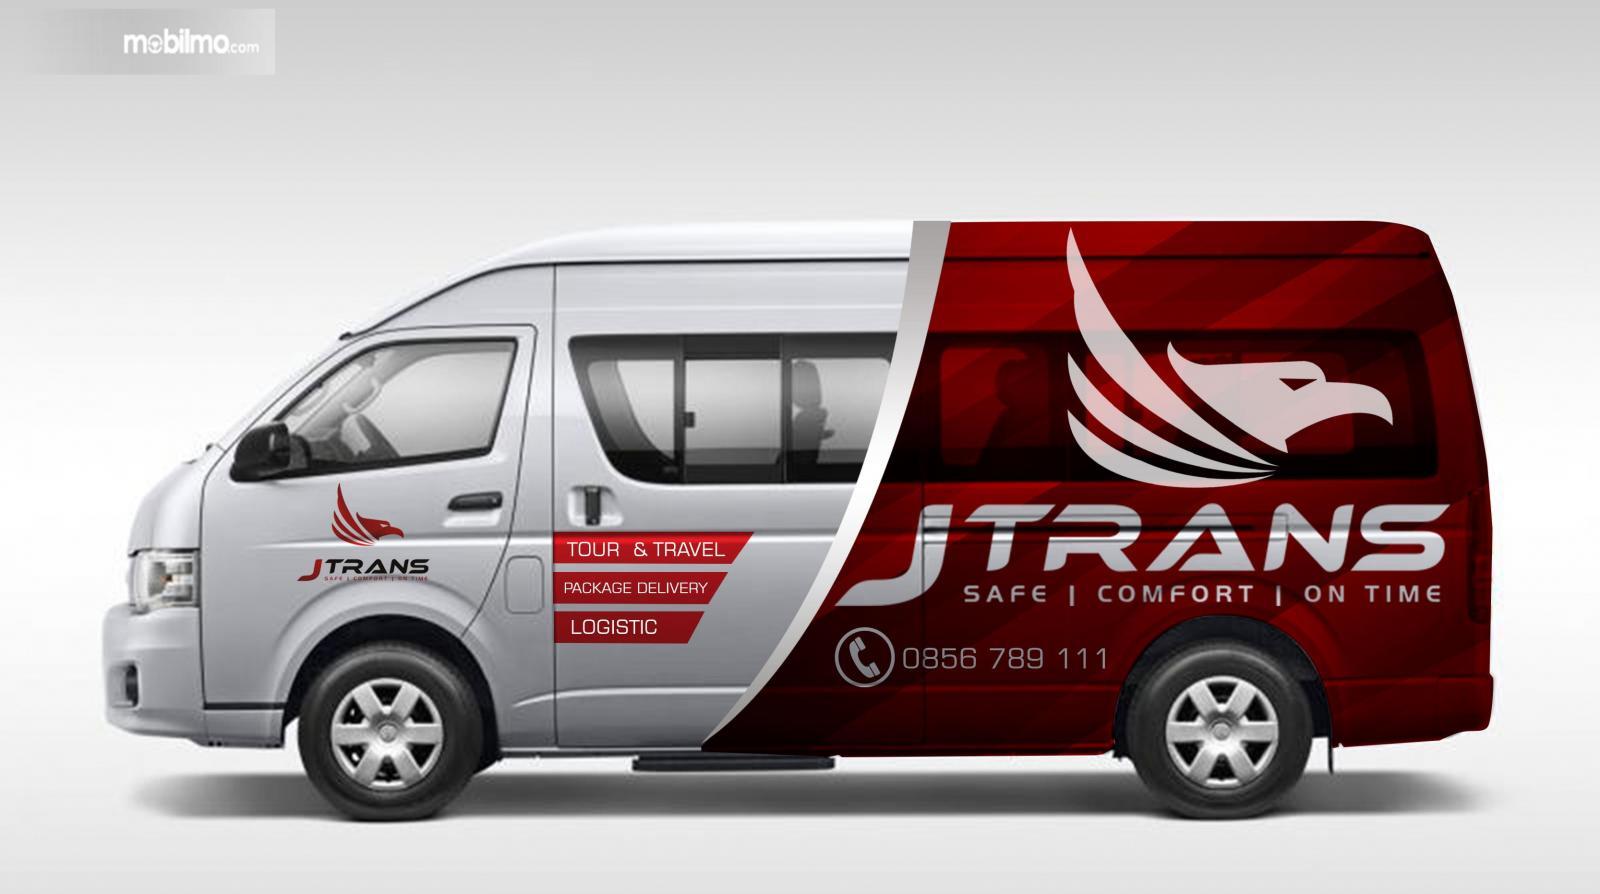 Foto mobil minibus lengkap dengan stiker promosi jasa